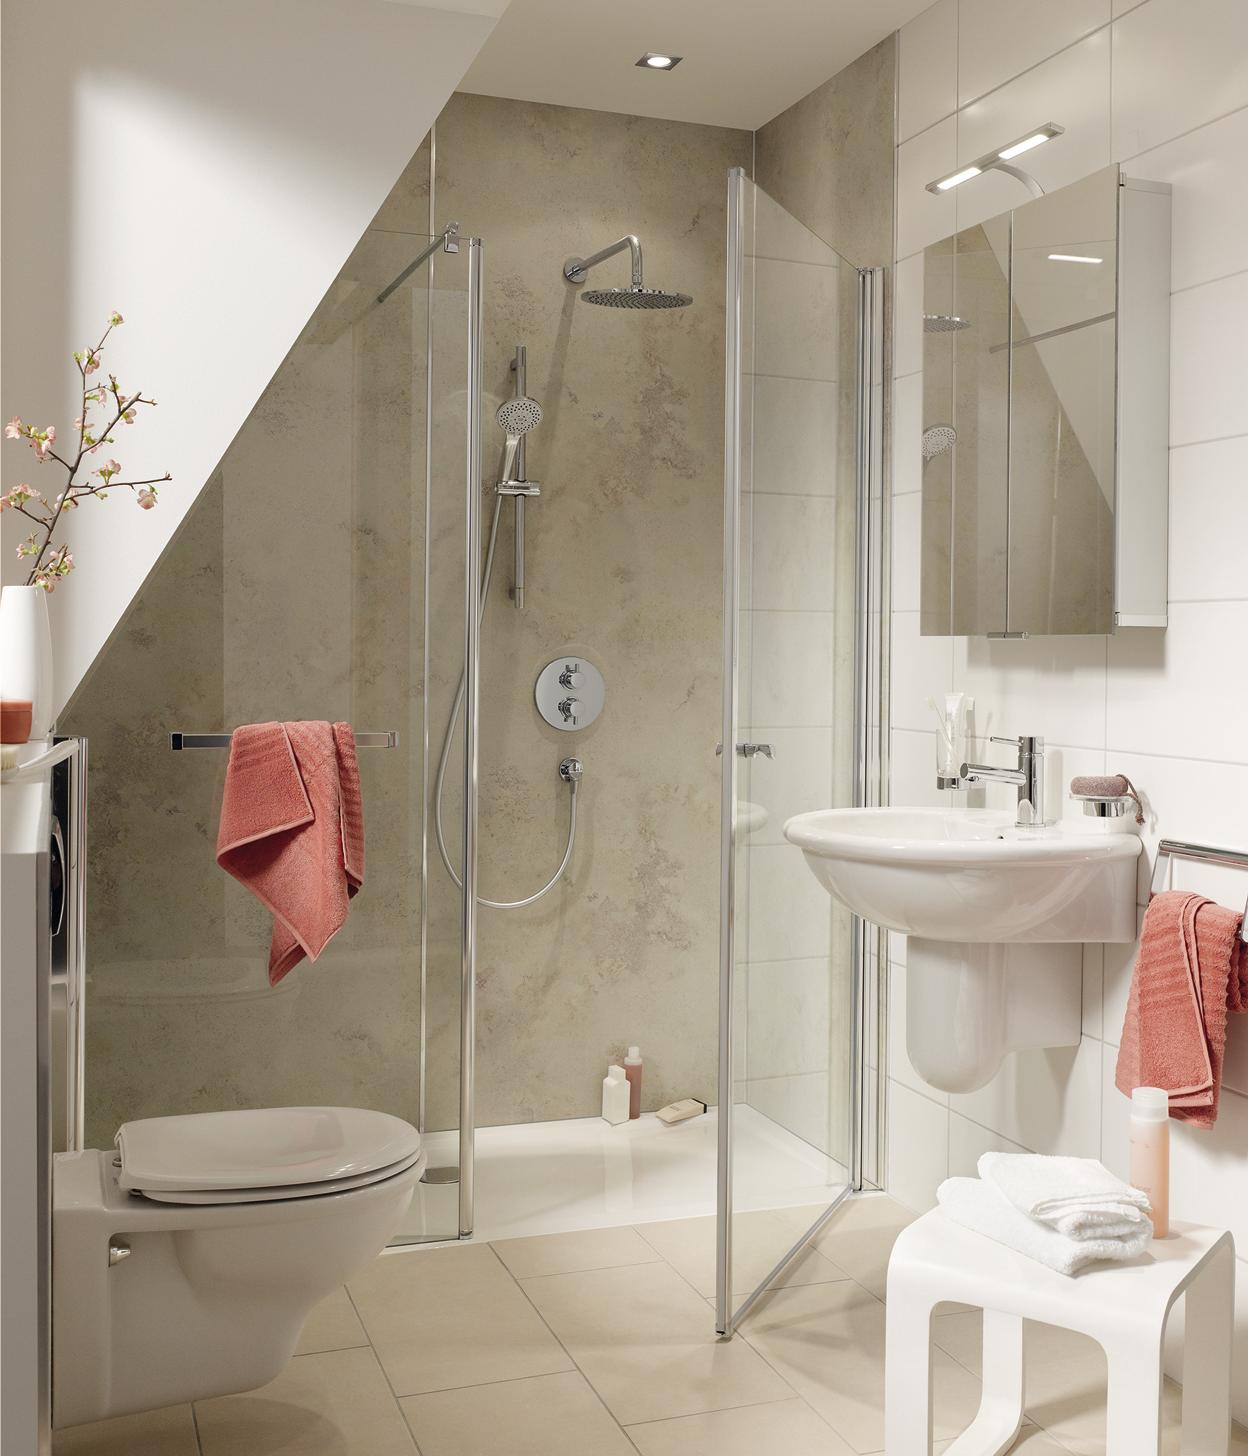 hsk_nachherbad-mit-dusche-und-renodeco-wandverkleidung